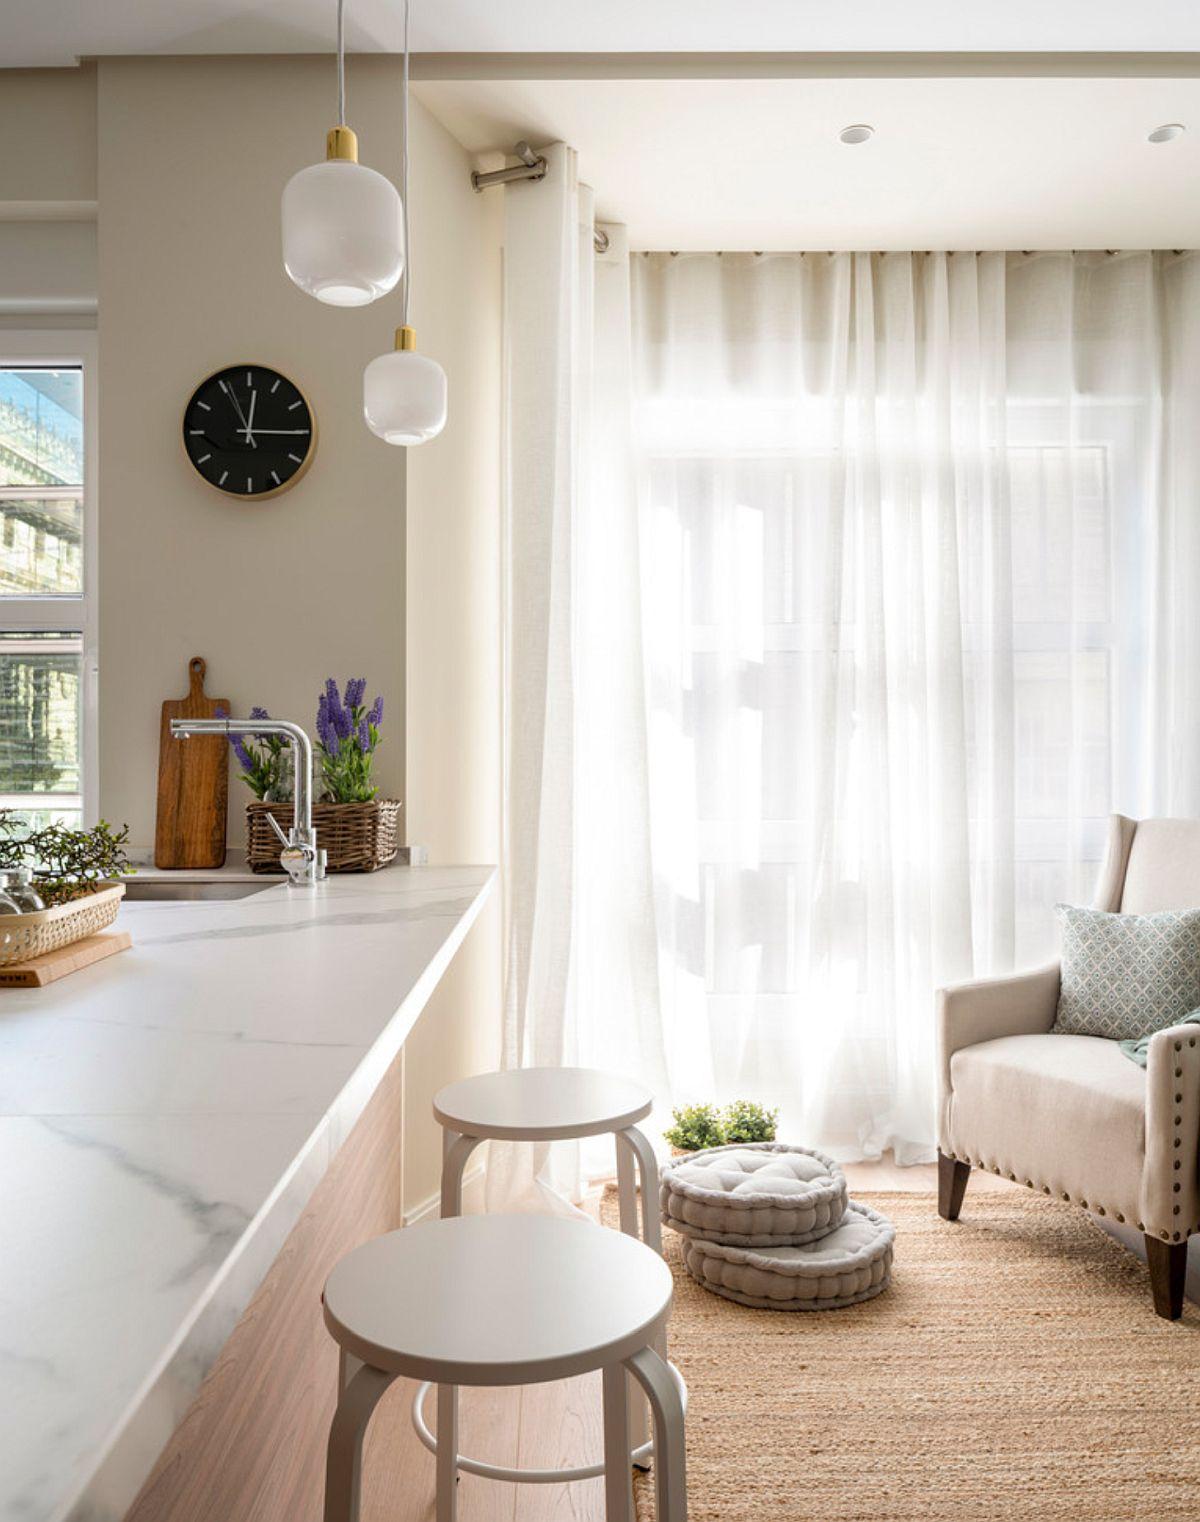 După locul de luat masa este unul de relaxare, de lectură. Aici era înainte fereastra livingului, integratp acum în noul spațiu al bucătăriei și sufrageriei.